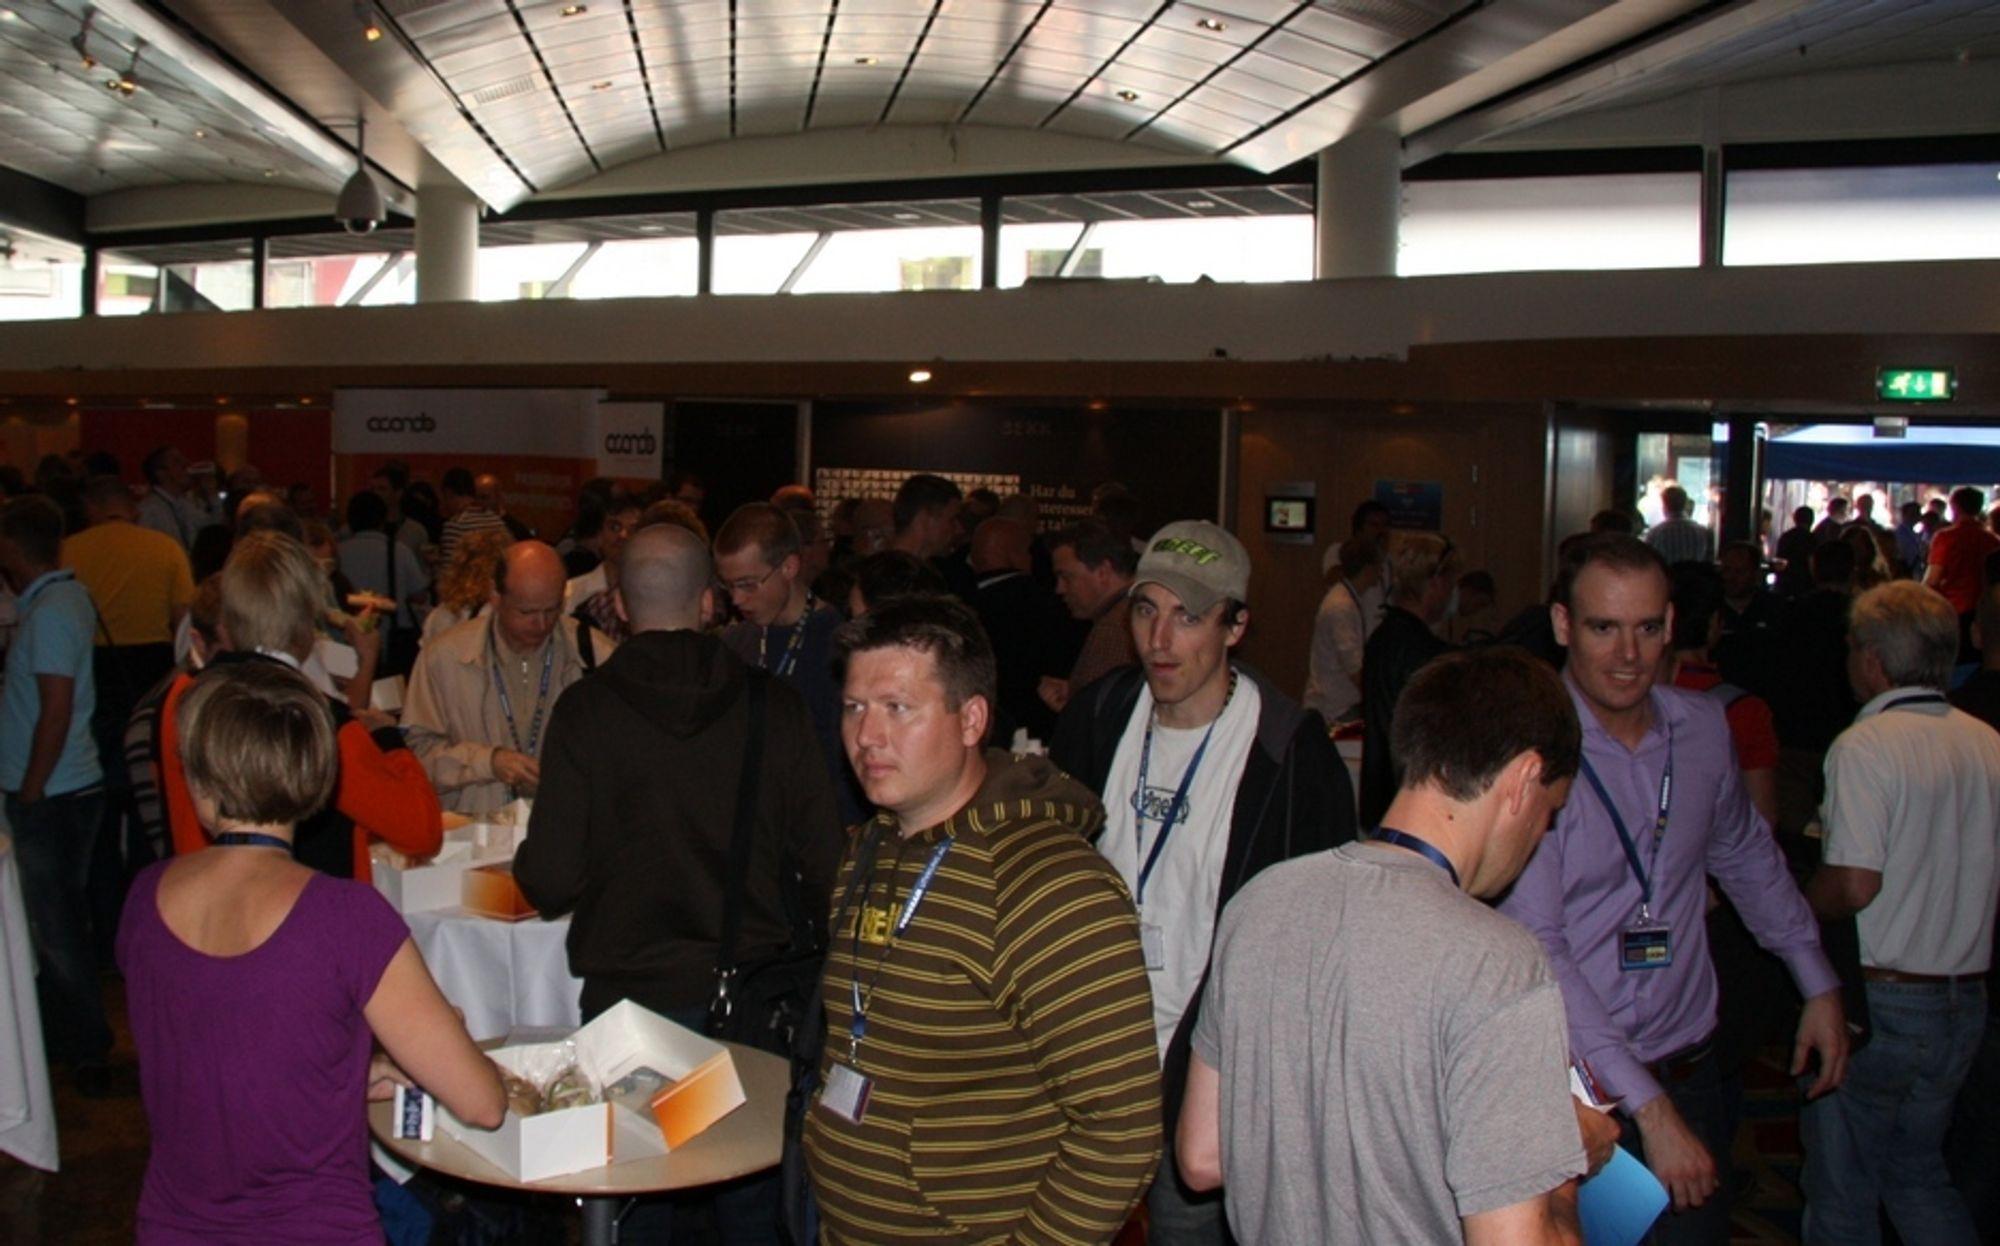 Trangt. Det ble trangt om plassen da folk strømmet til den første utviklerkonferansen NDC. Neste år blir det mer armsleng med hele Telenor Arena til rådighet.